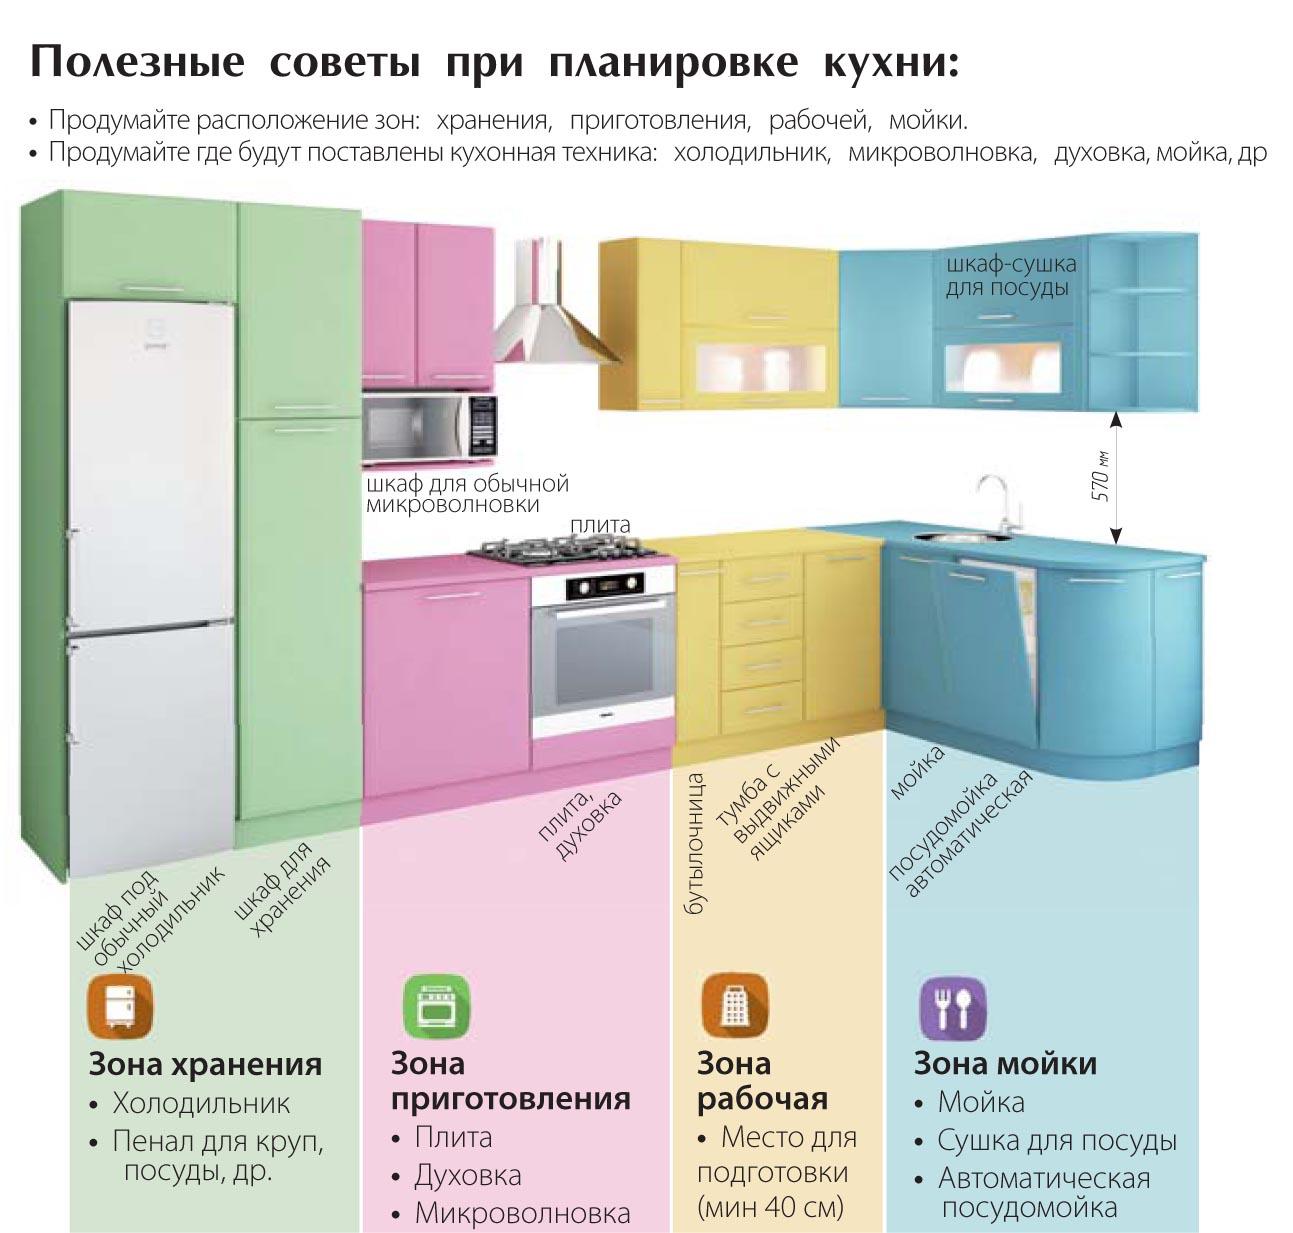 Положение плиты на кухне, фото